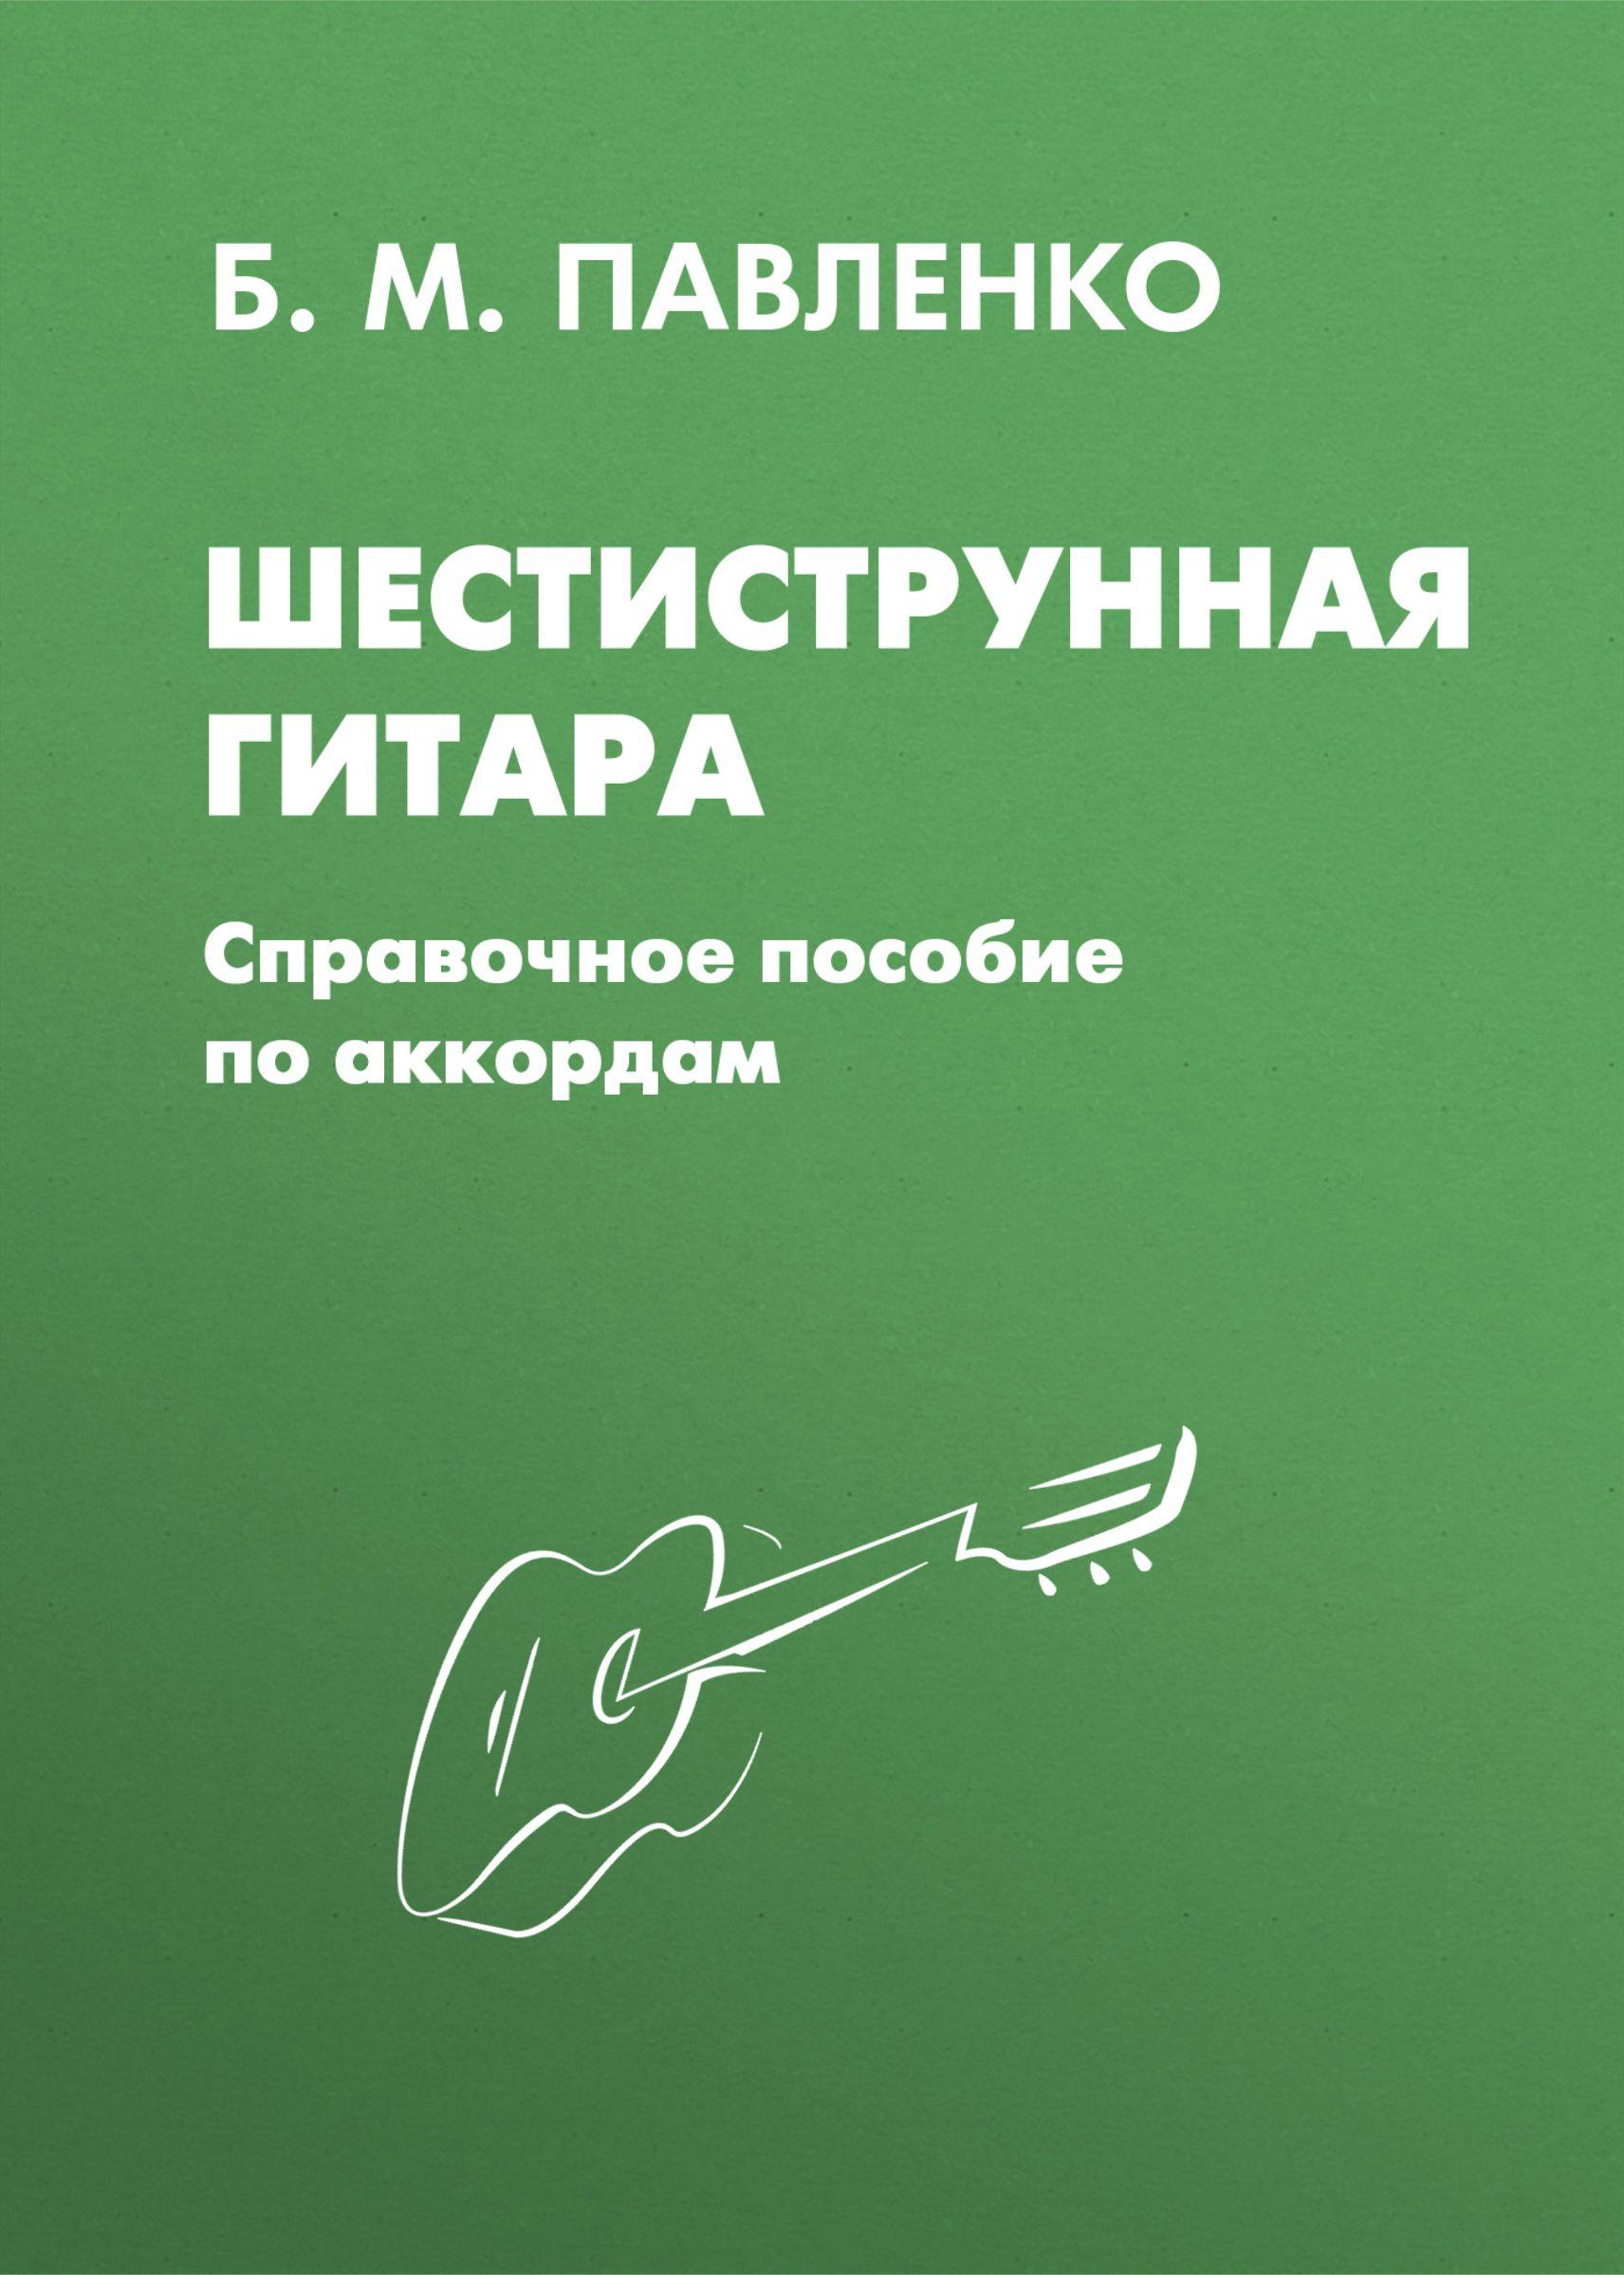 цена на Б. М. Павленко Шестиструнная гитара. Справочное пособие по аккордам